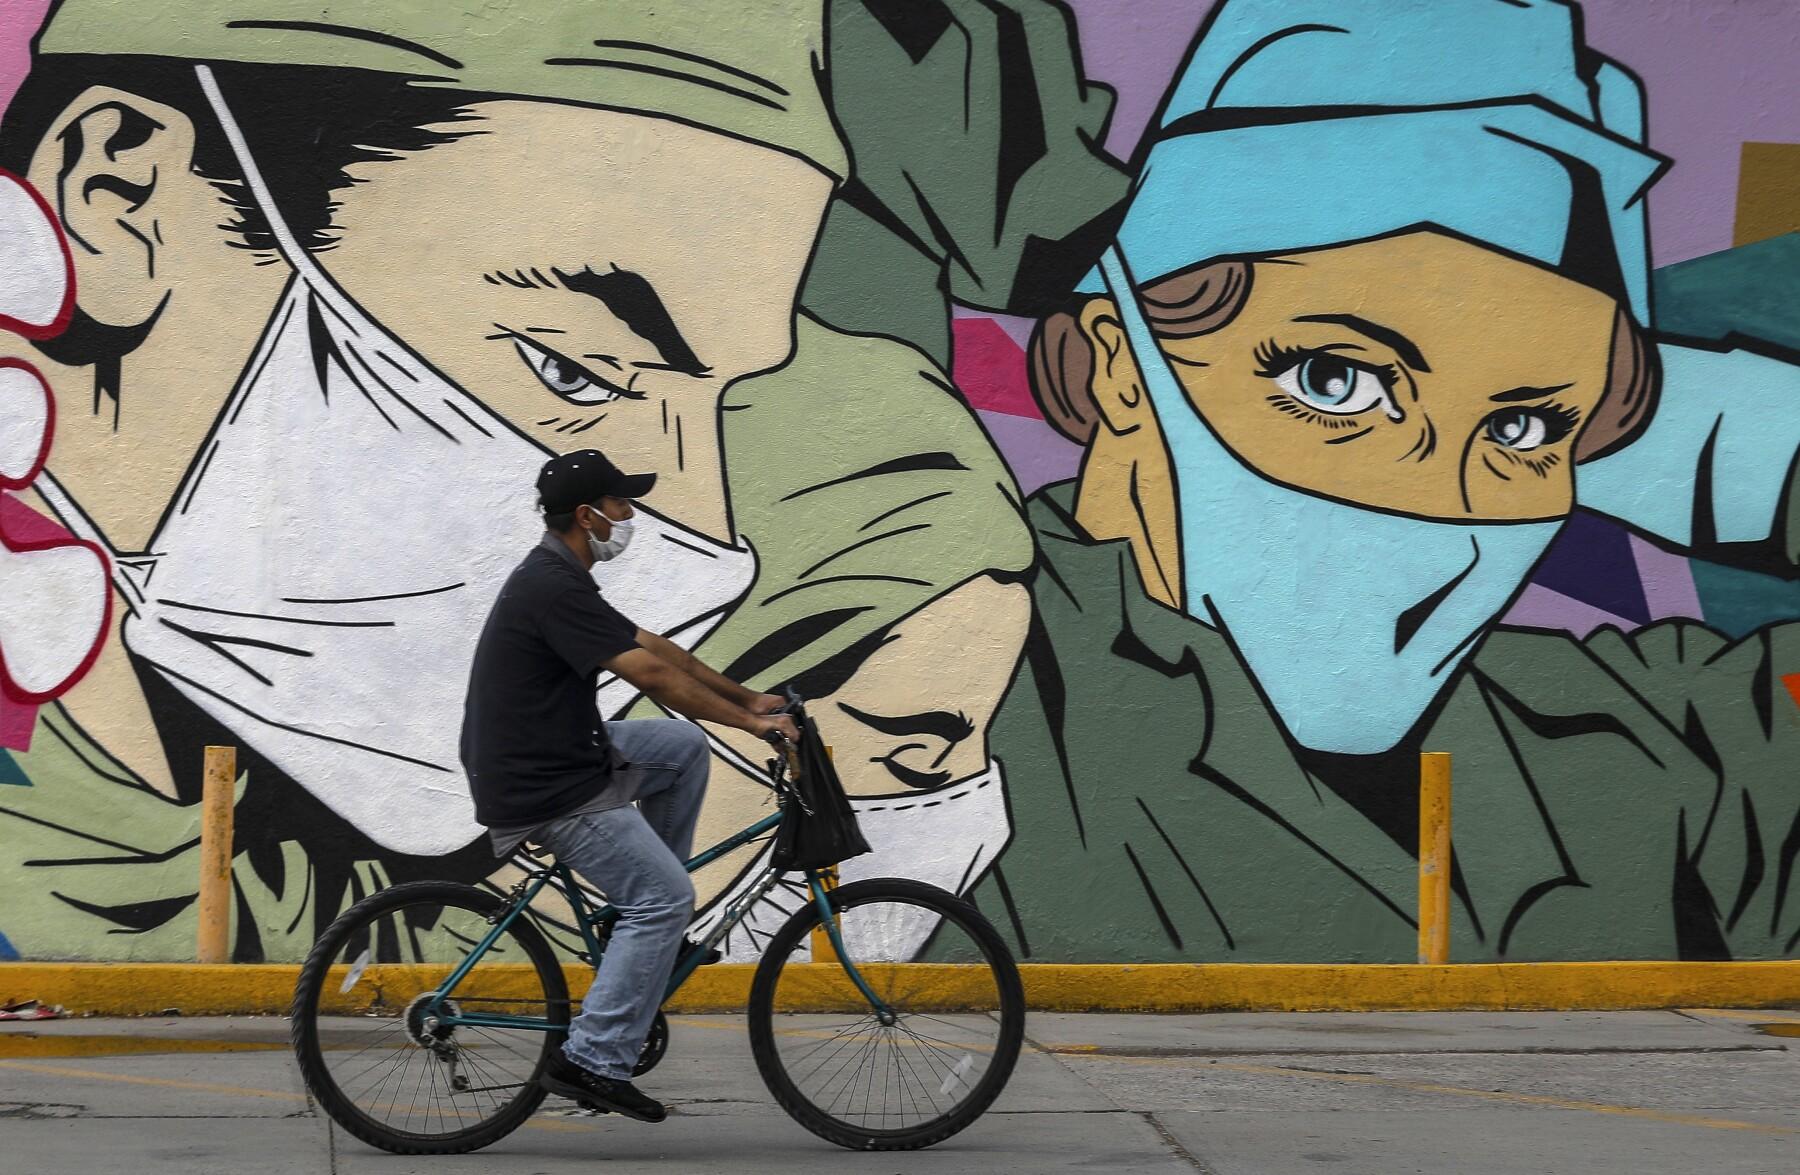 MEXICO-HEALTH-VIRUS-URBAN ART